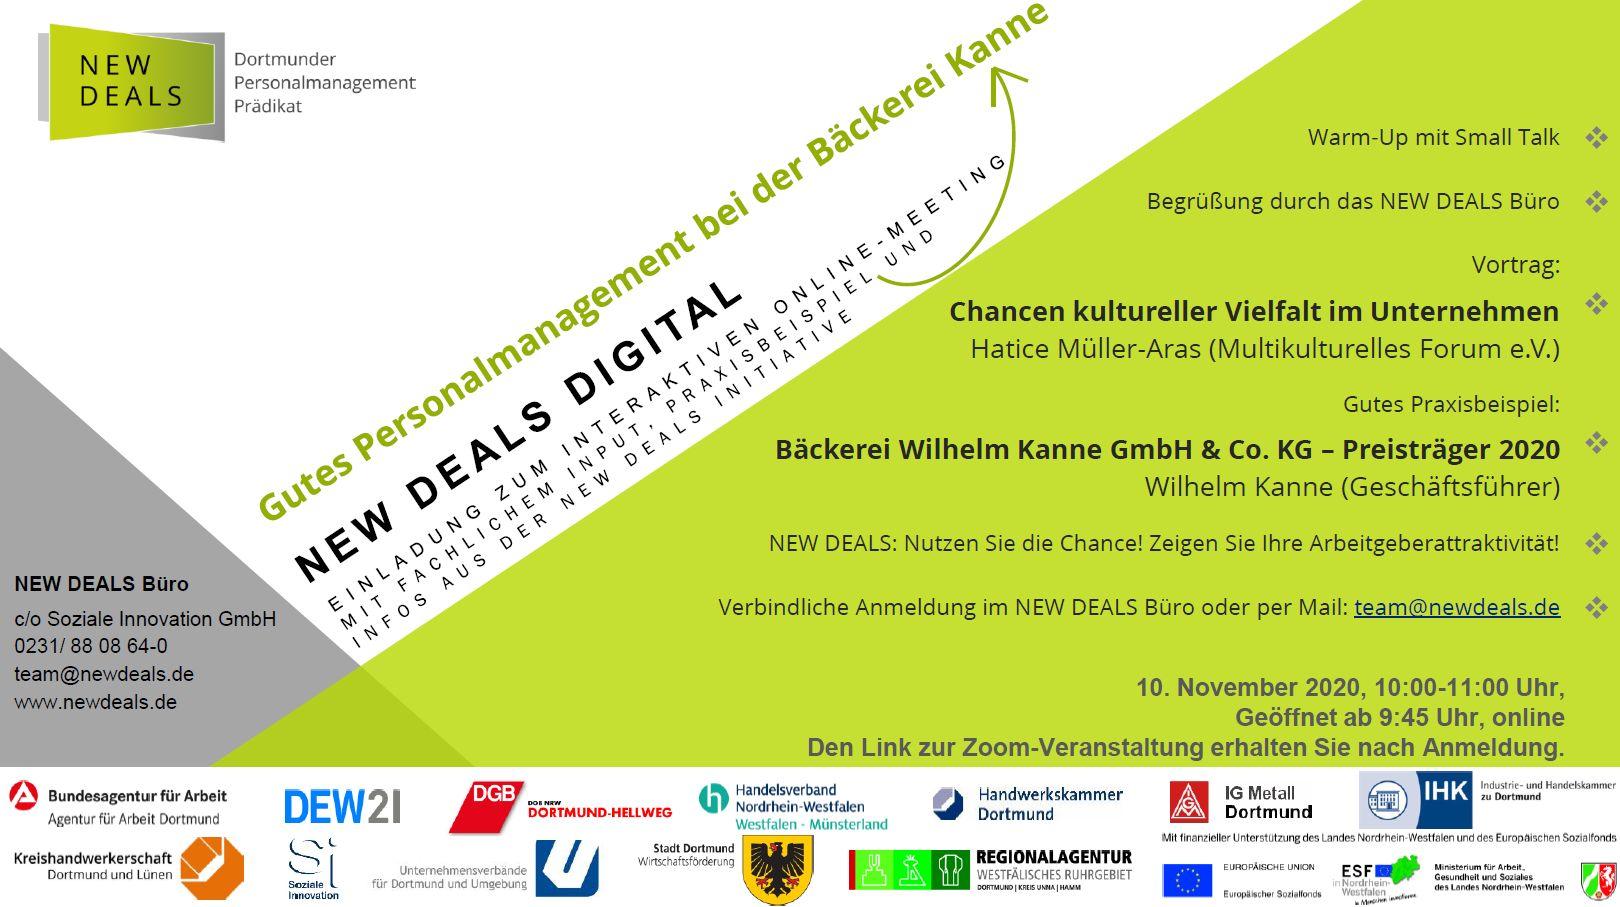 """Featured image for """"NEW DEALS digital: Vortrag und gutes Praxisbeispiel am 10.11.2020"""""""